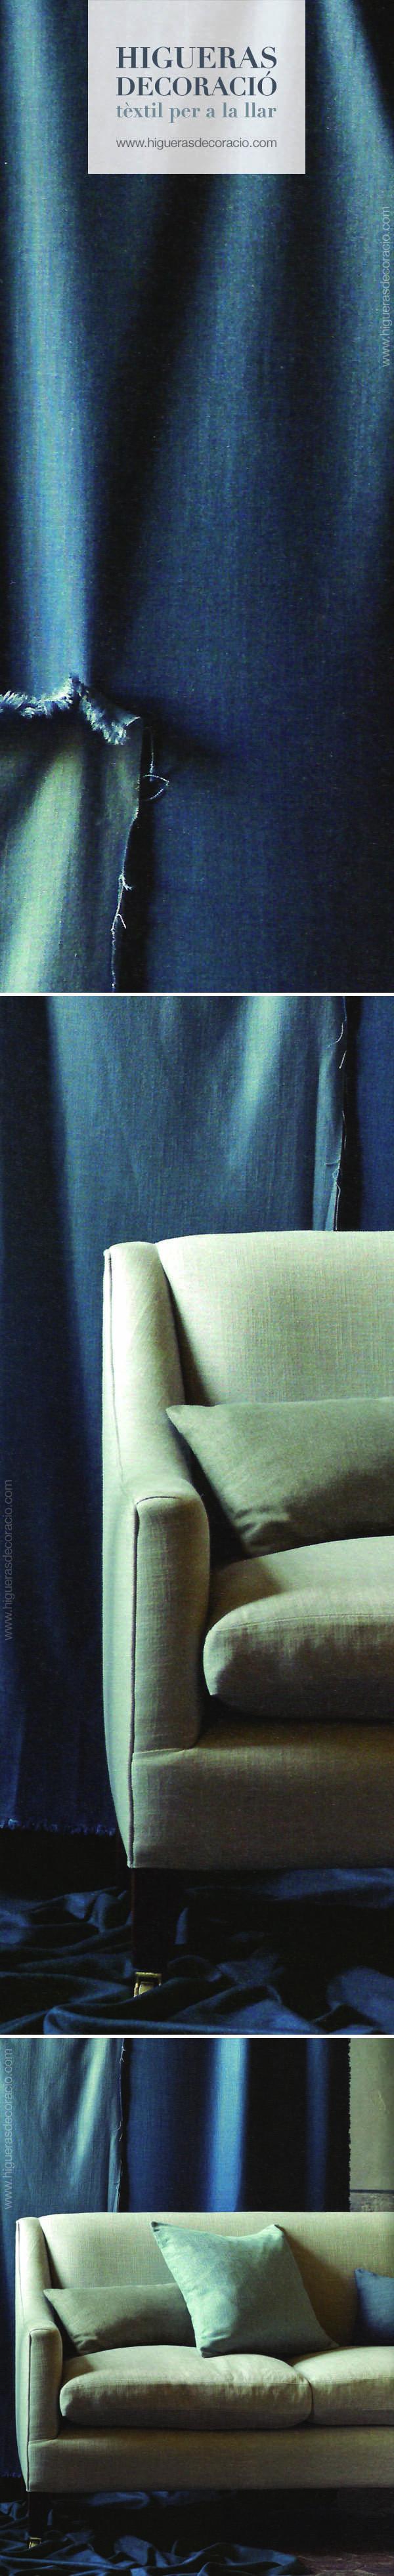 Tapicería suave y con caída. Tapicería duradera mezcla de lino y viscosa. Tapizados, textiles con un exquisita gama de azul donde los matices se dan mediante la textura. Cortina larga y opaca, cuadrantes de azules diferentes, cojín rectangular… www.higuerasdecoracio.com